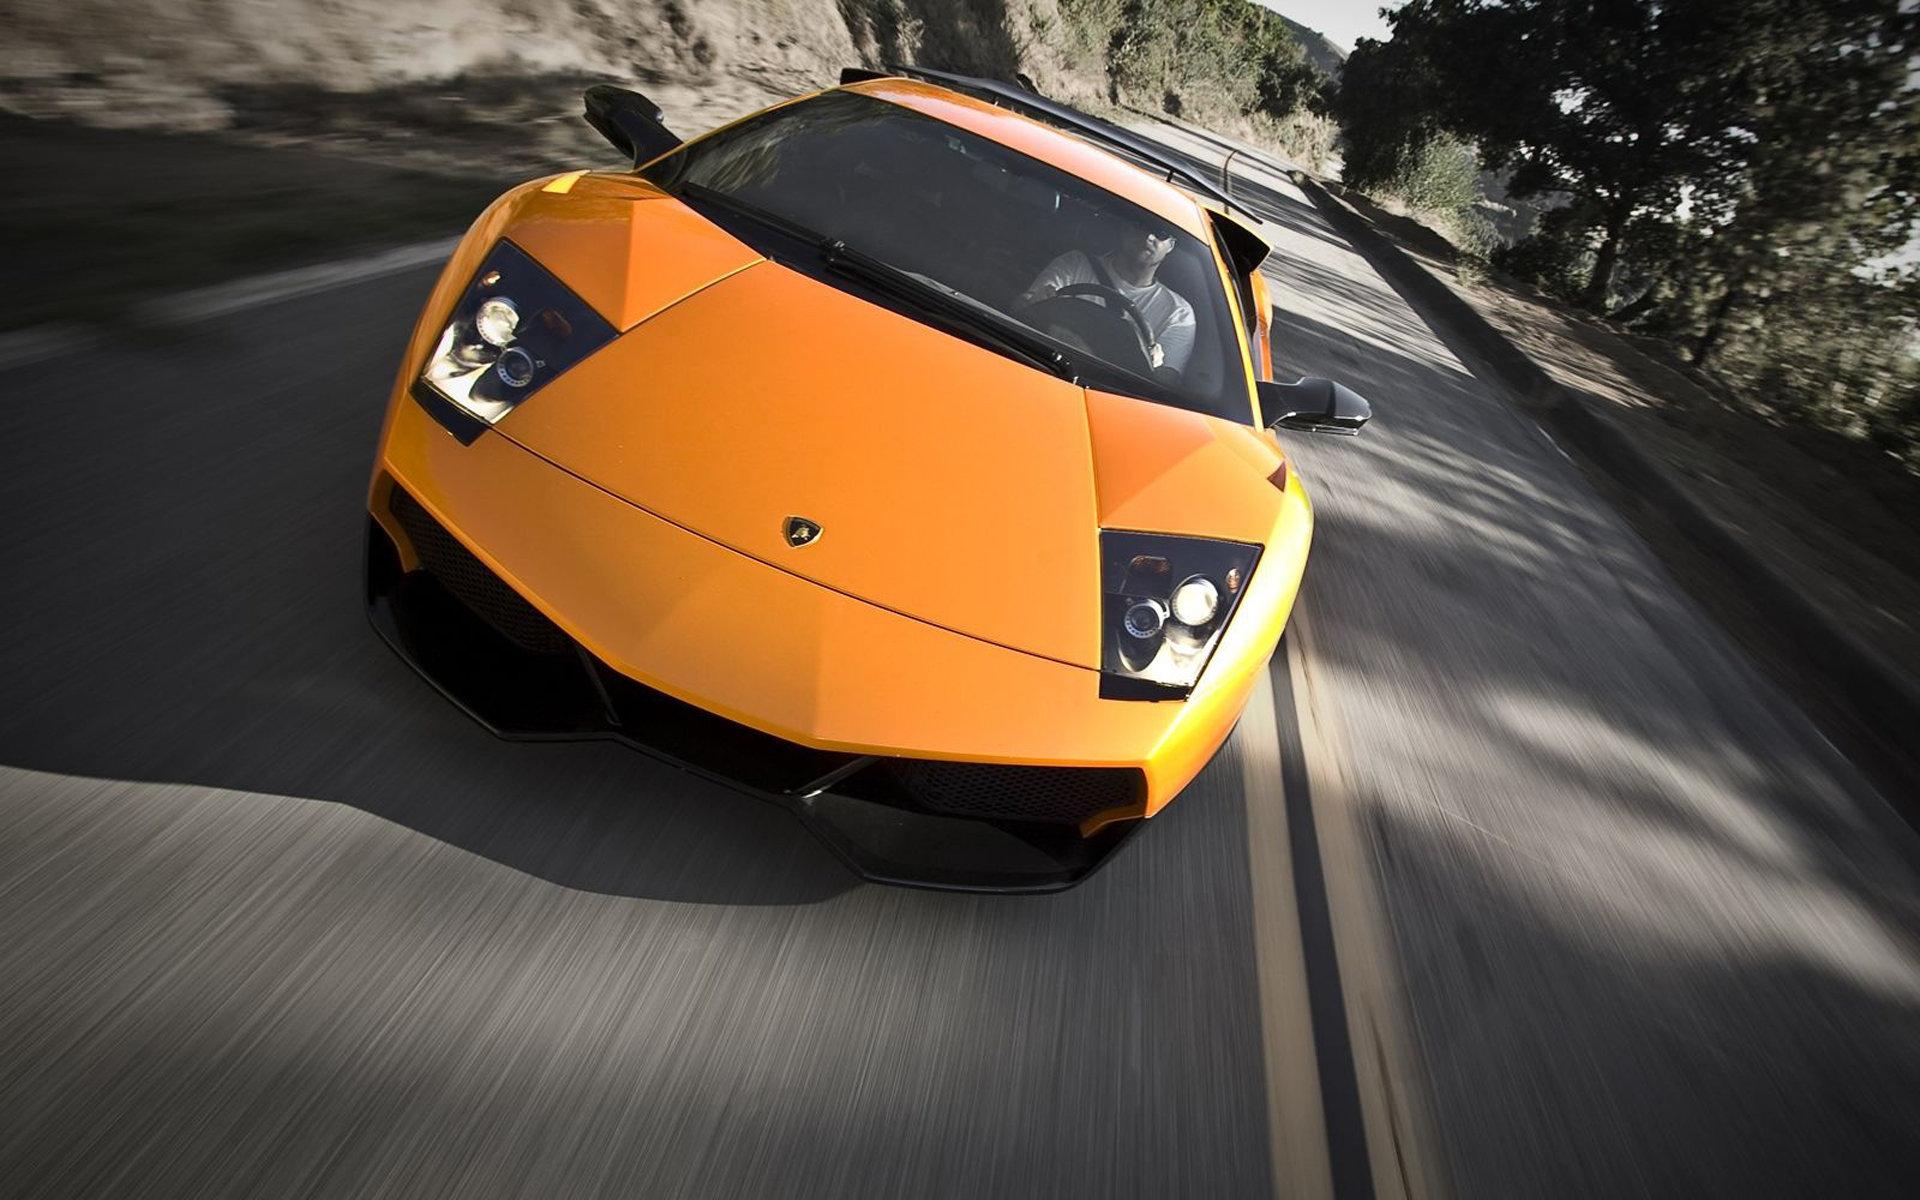 橙色兰博基尼超级跑车桌面壁纸